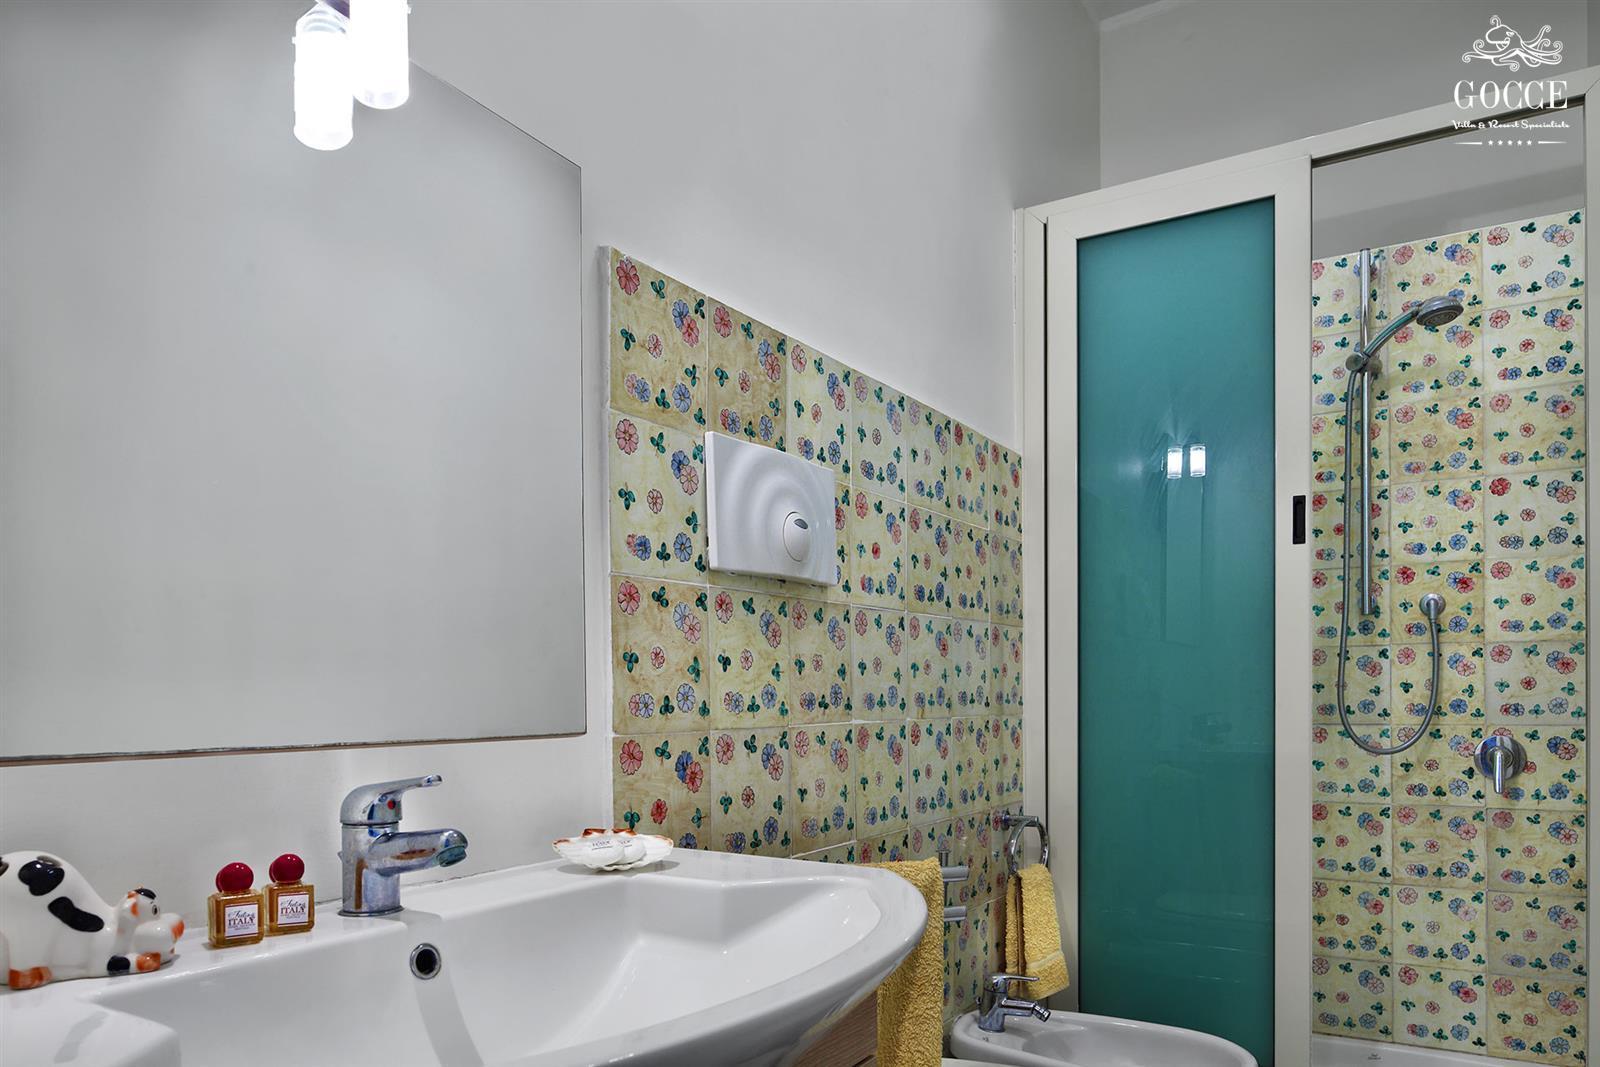 Punta del capo splendido appartamento a pochi passi dai bagni della regina giovanna sorrento - Bagno della regina giovanna ...